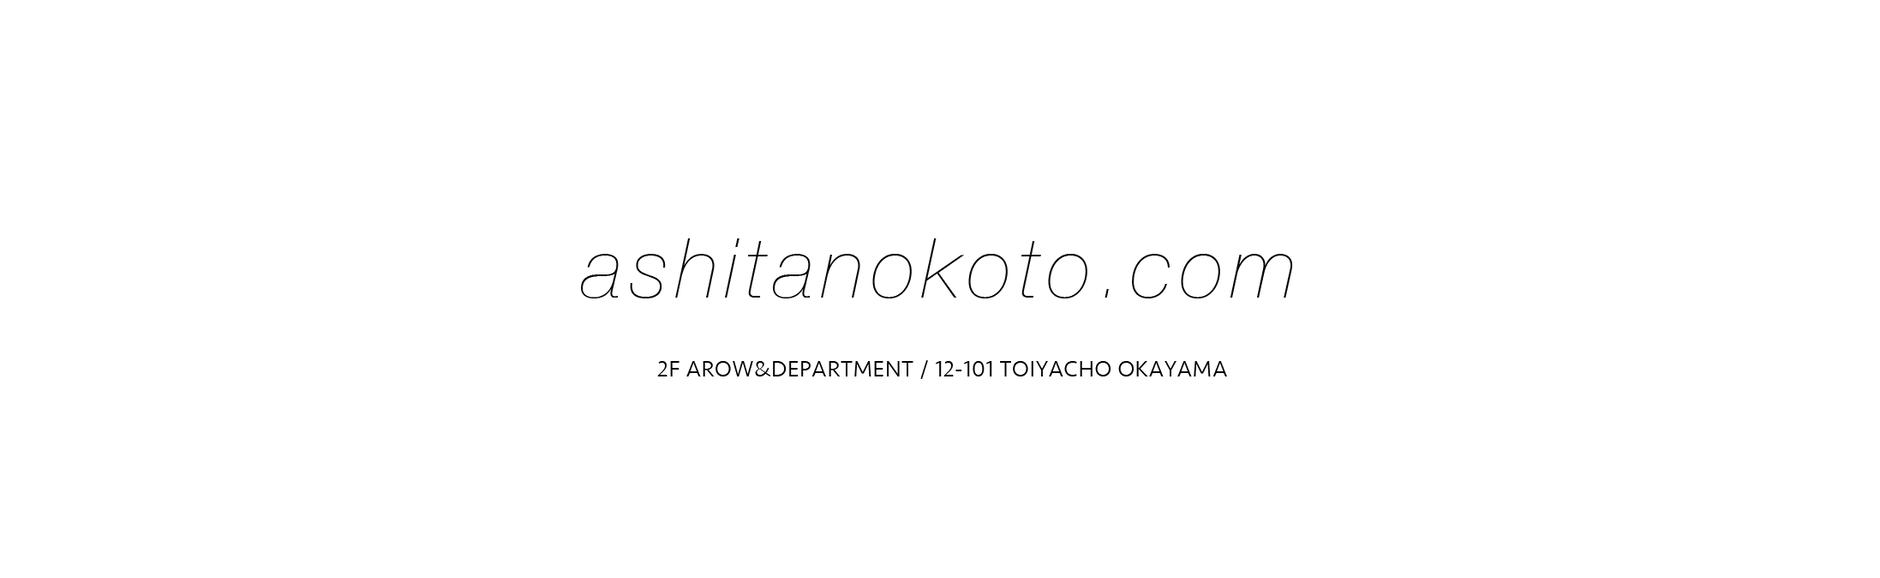 あしたのこと / ashitanokoto.com